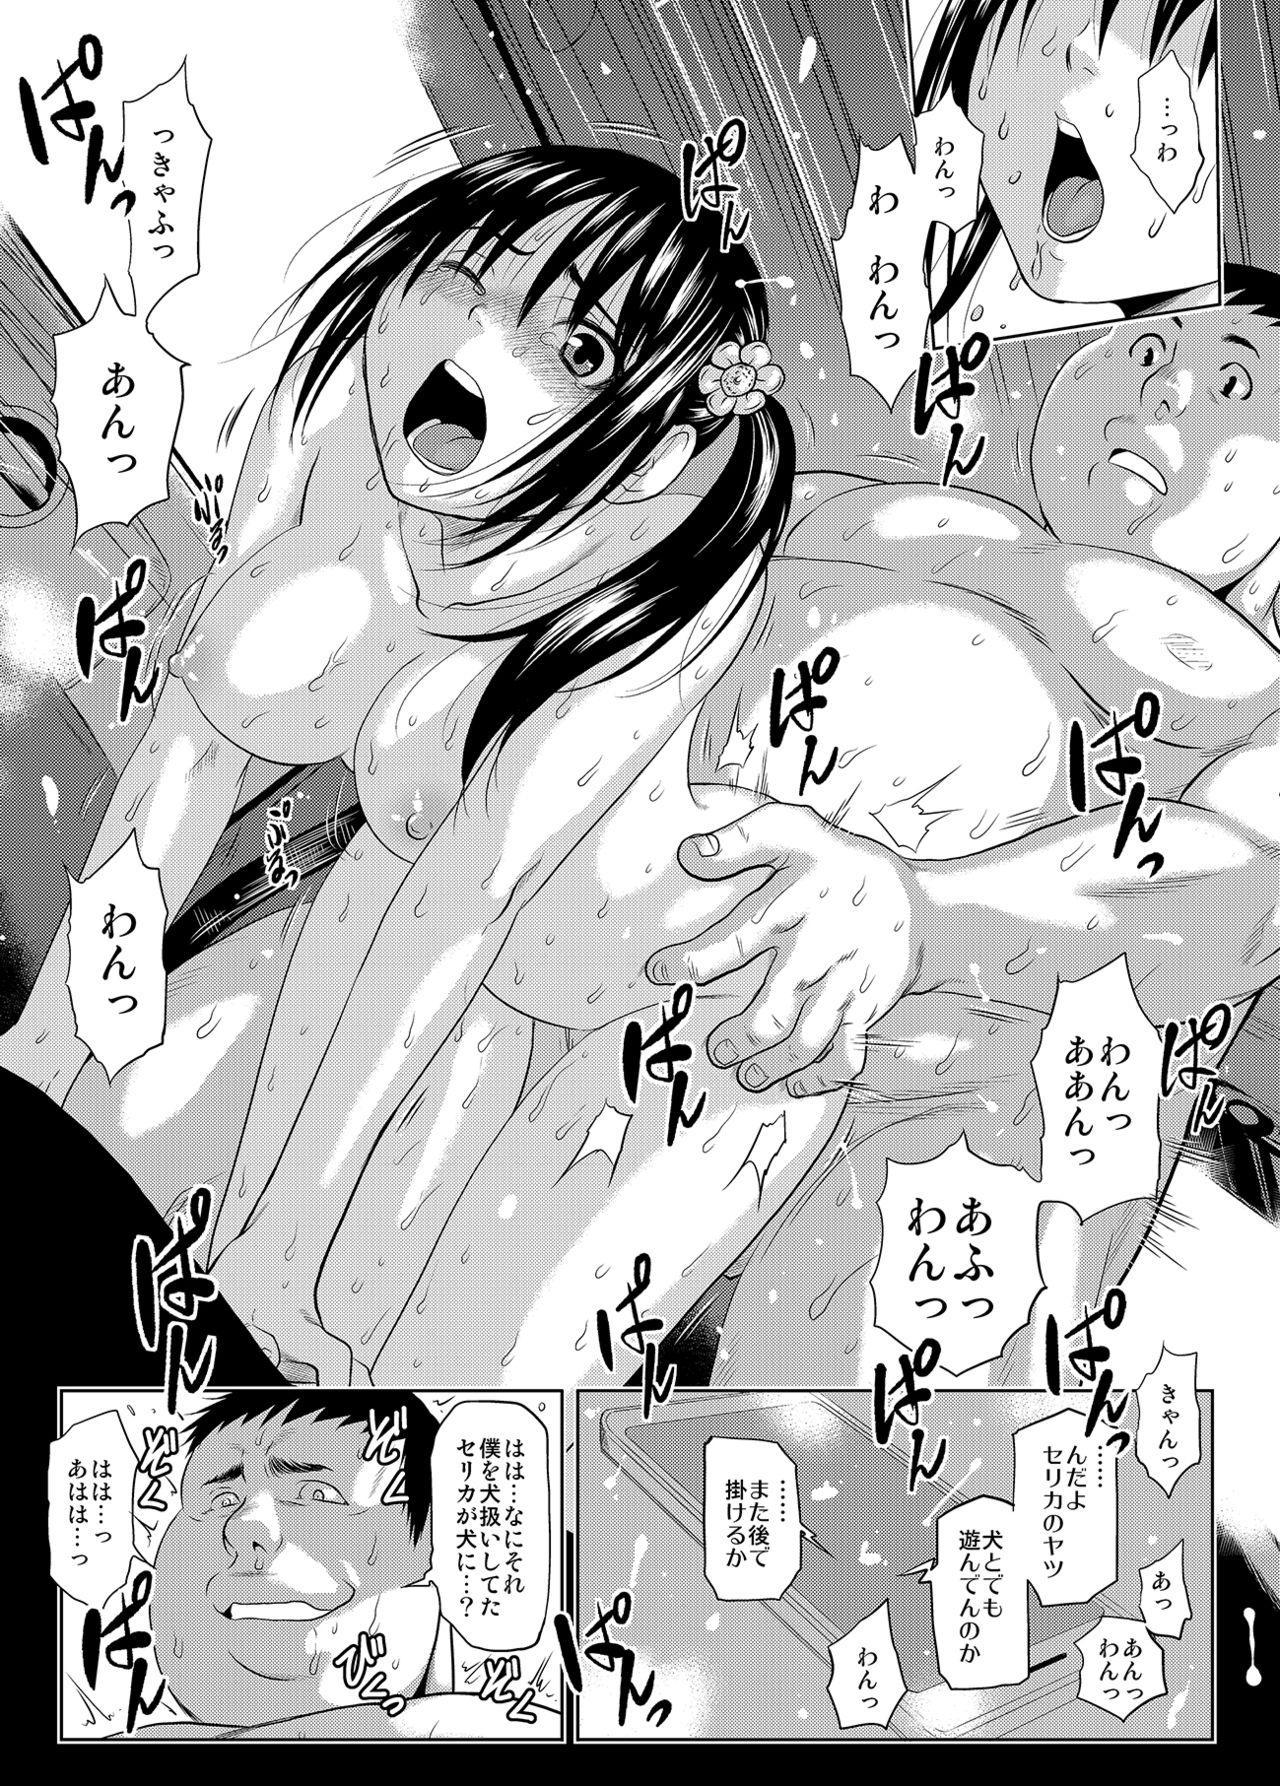 Mukashi kara Baka ni Shiteita Itoko no Kanninbukuro no O ga Kireta Kekka, Futarikiri no Semai Shanai de Karada o Moteasobareta Natsu no Hi no Koto. 49